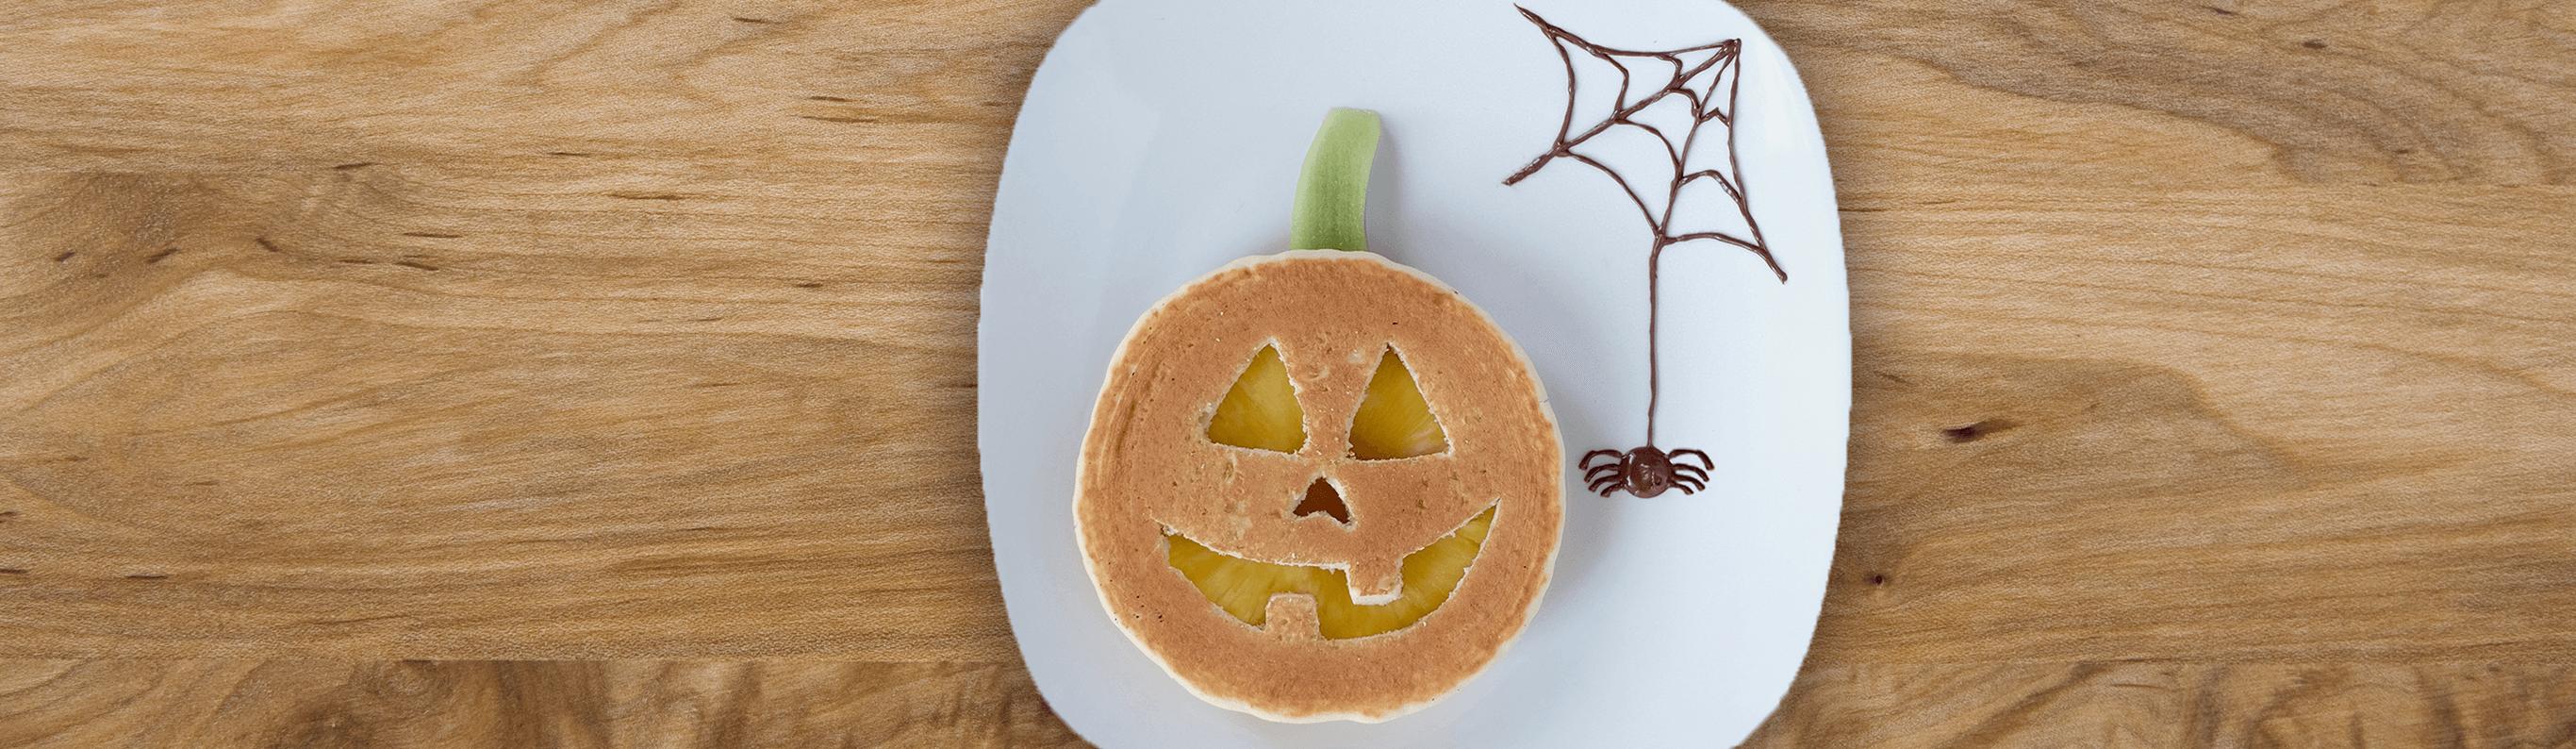 Jack-o'-Lantern Pancakes